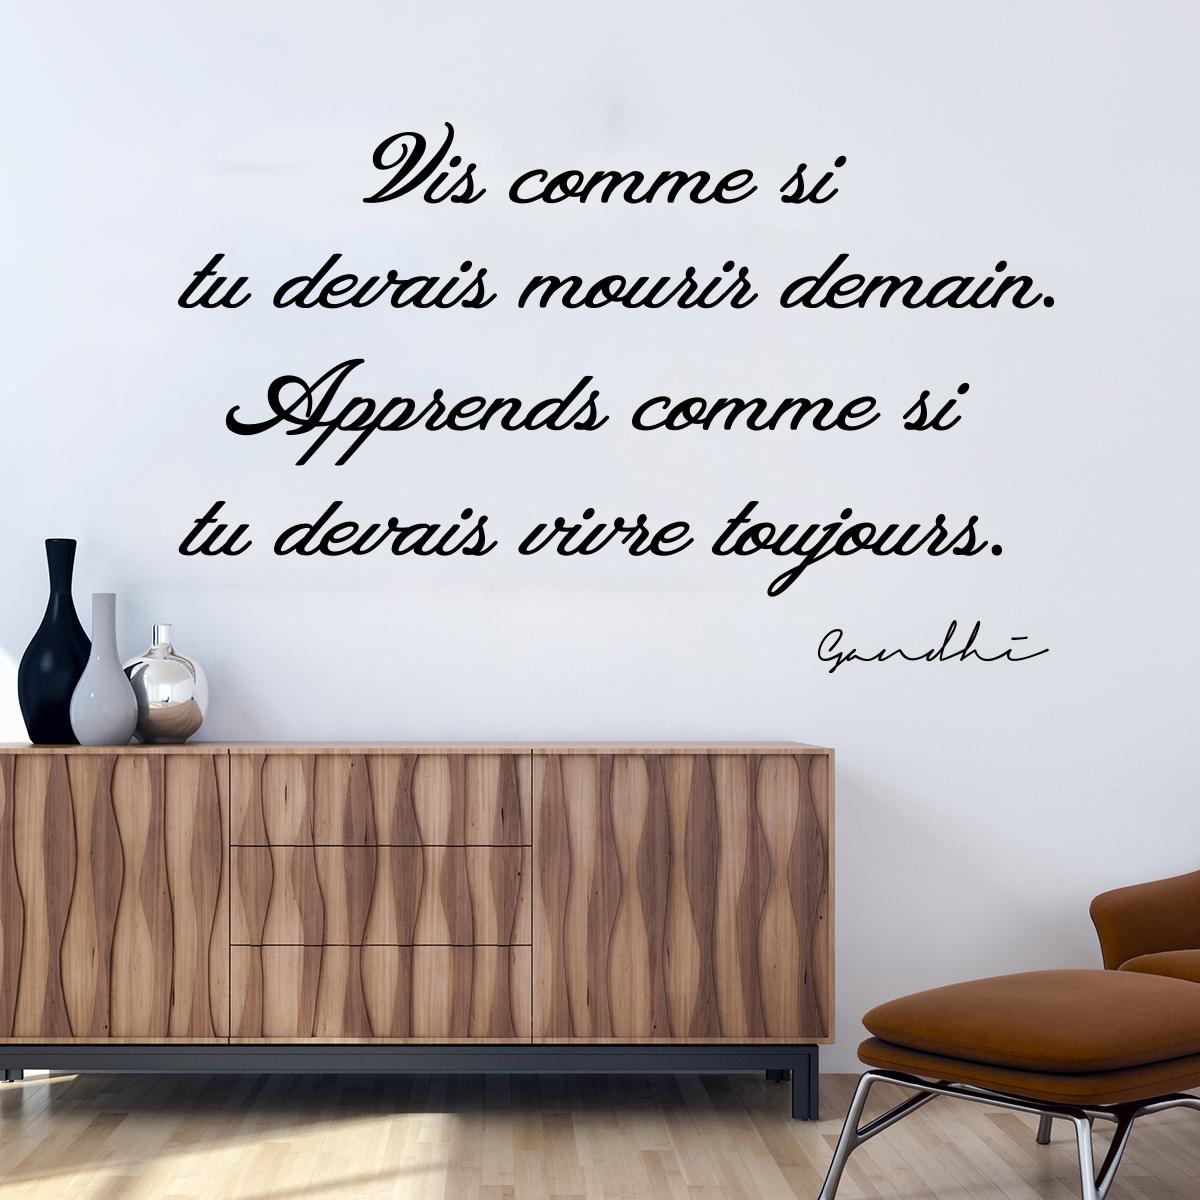 sticker citation gandhi vis et apprends stickers. Black Bedroom Furniture Sets. Home Design Ideas